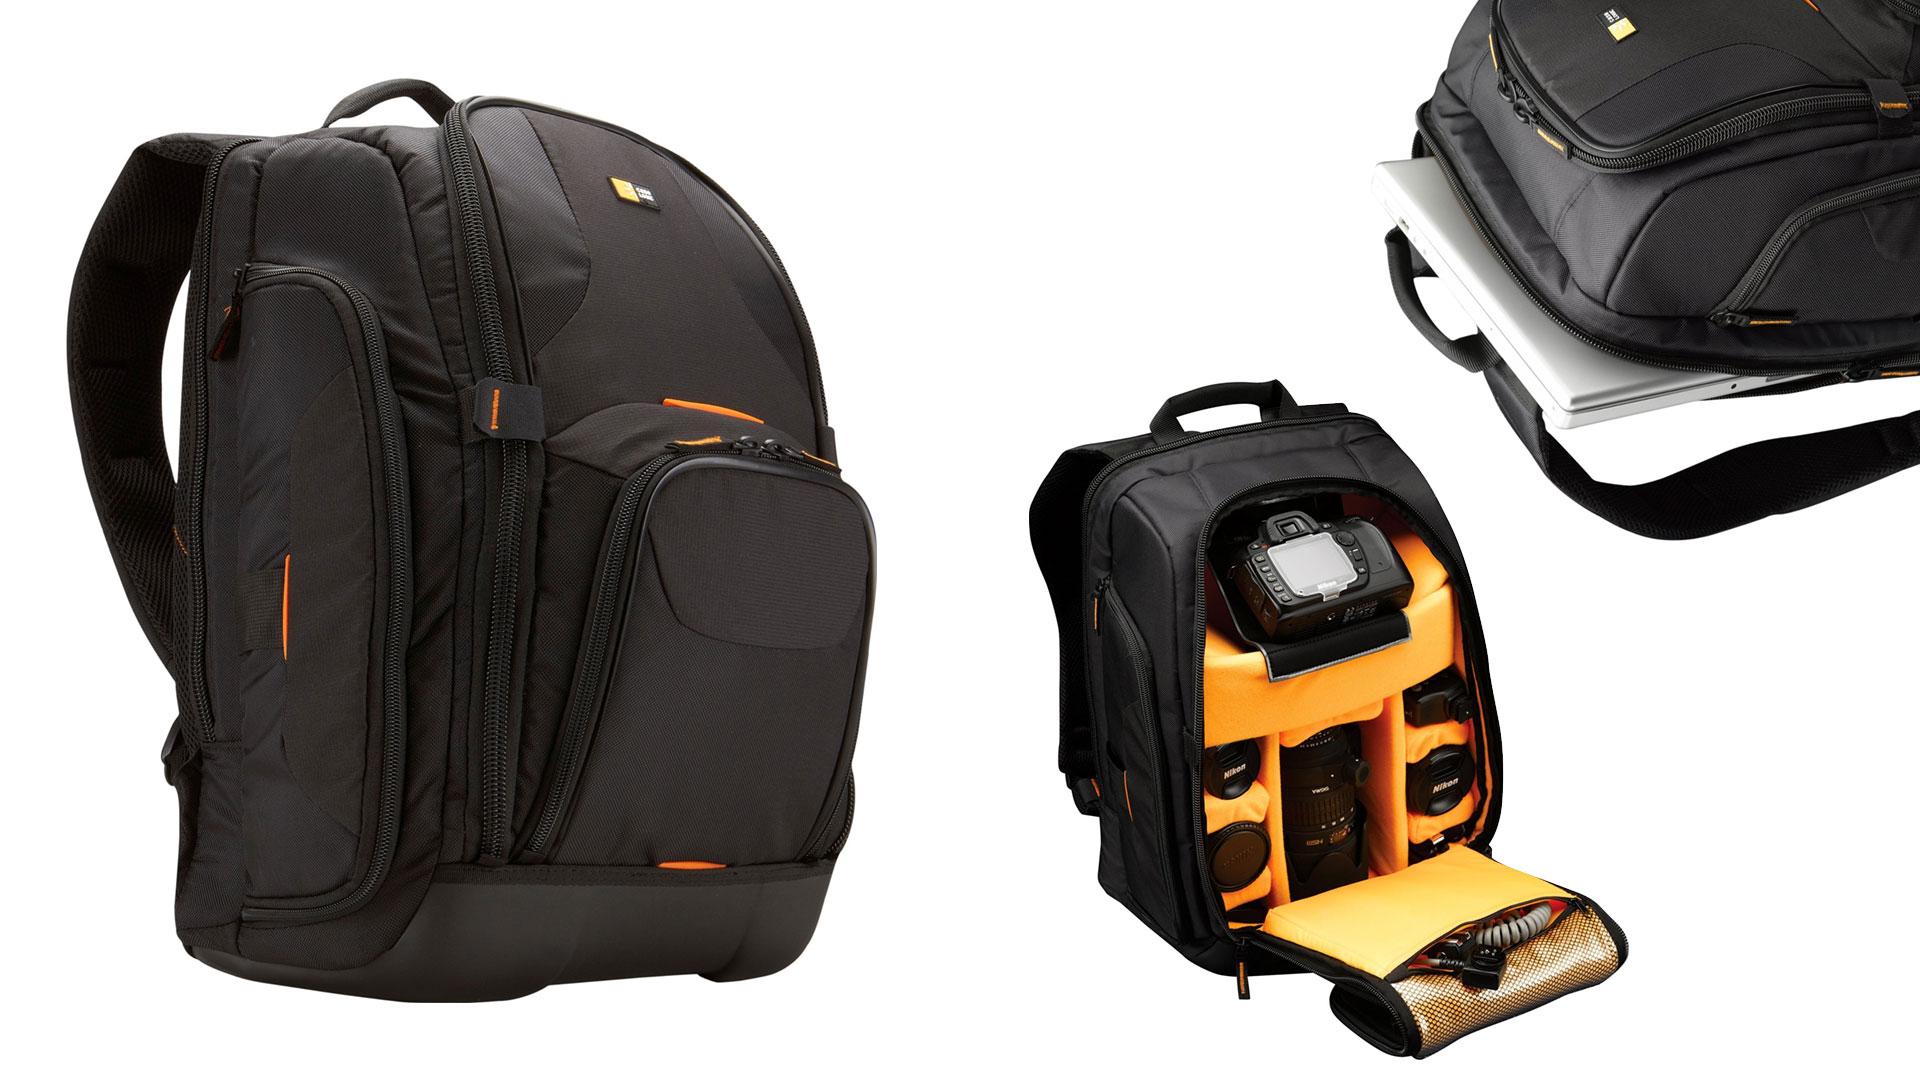 Caselogic CameraLaptop Bag, best dslr bag, best dslr camera bag, best dslr camera backpack